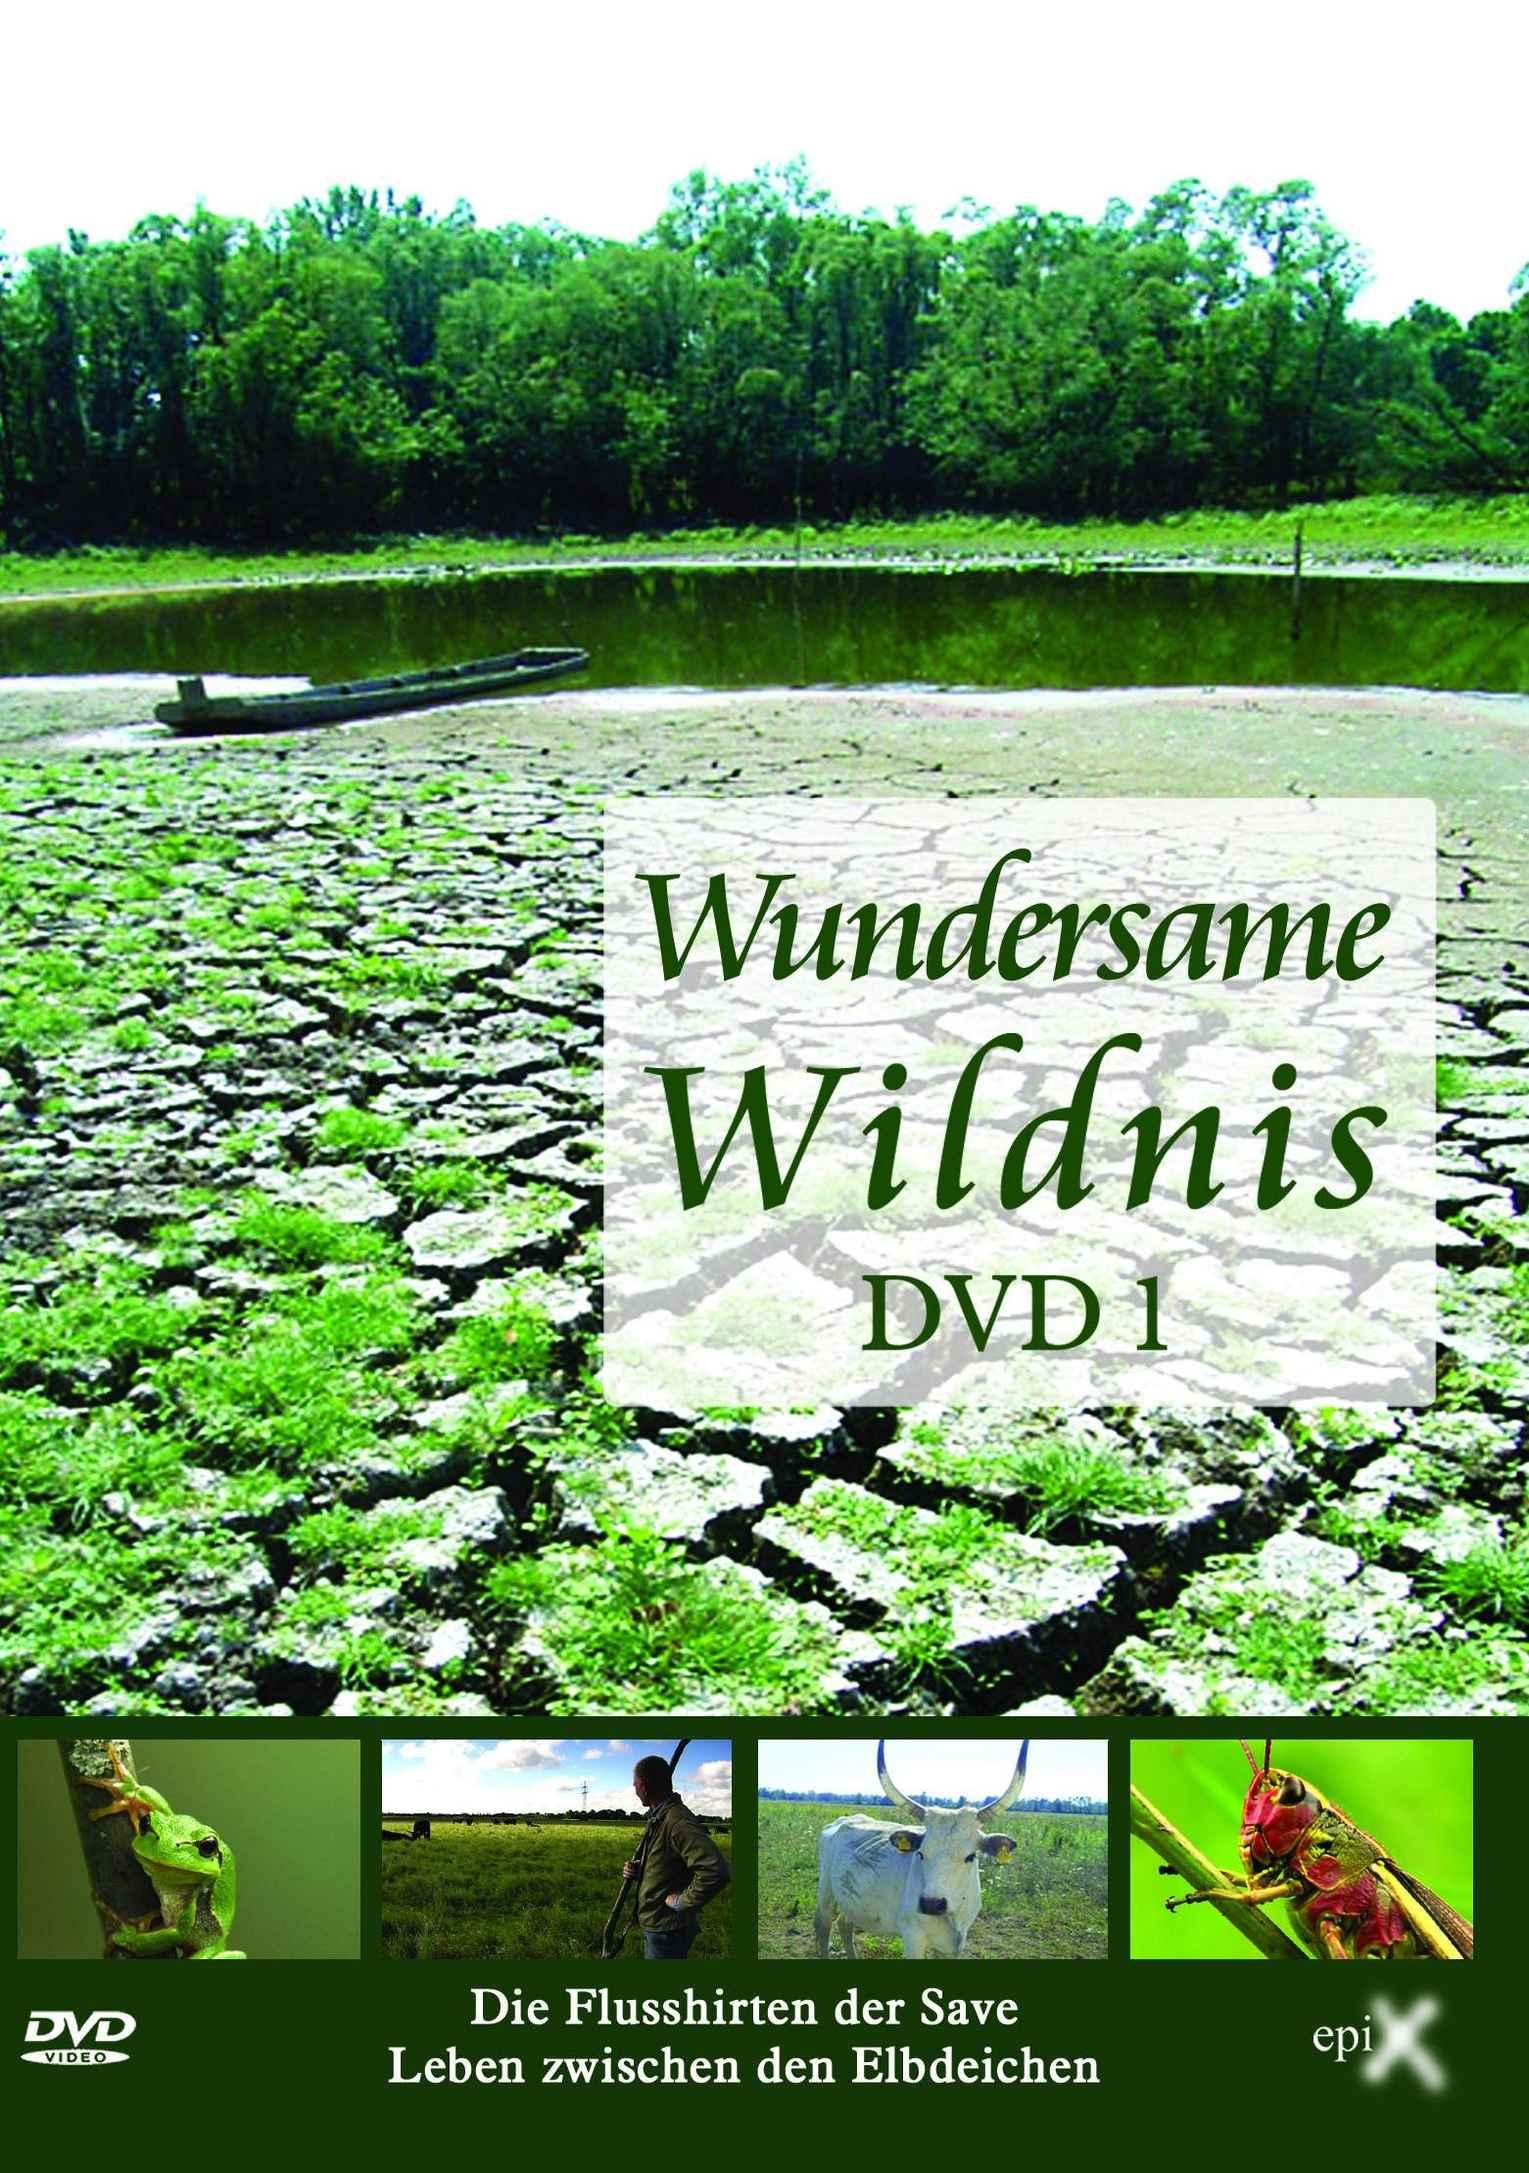 WUNDERSAME WILDNIS Teil 1 Front Final